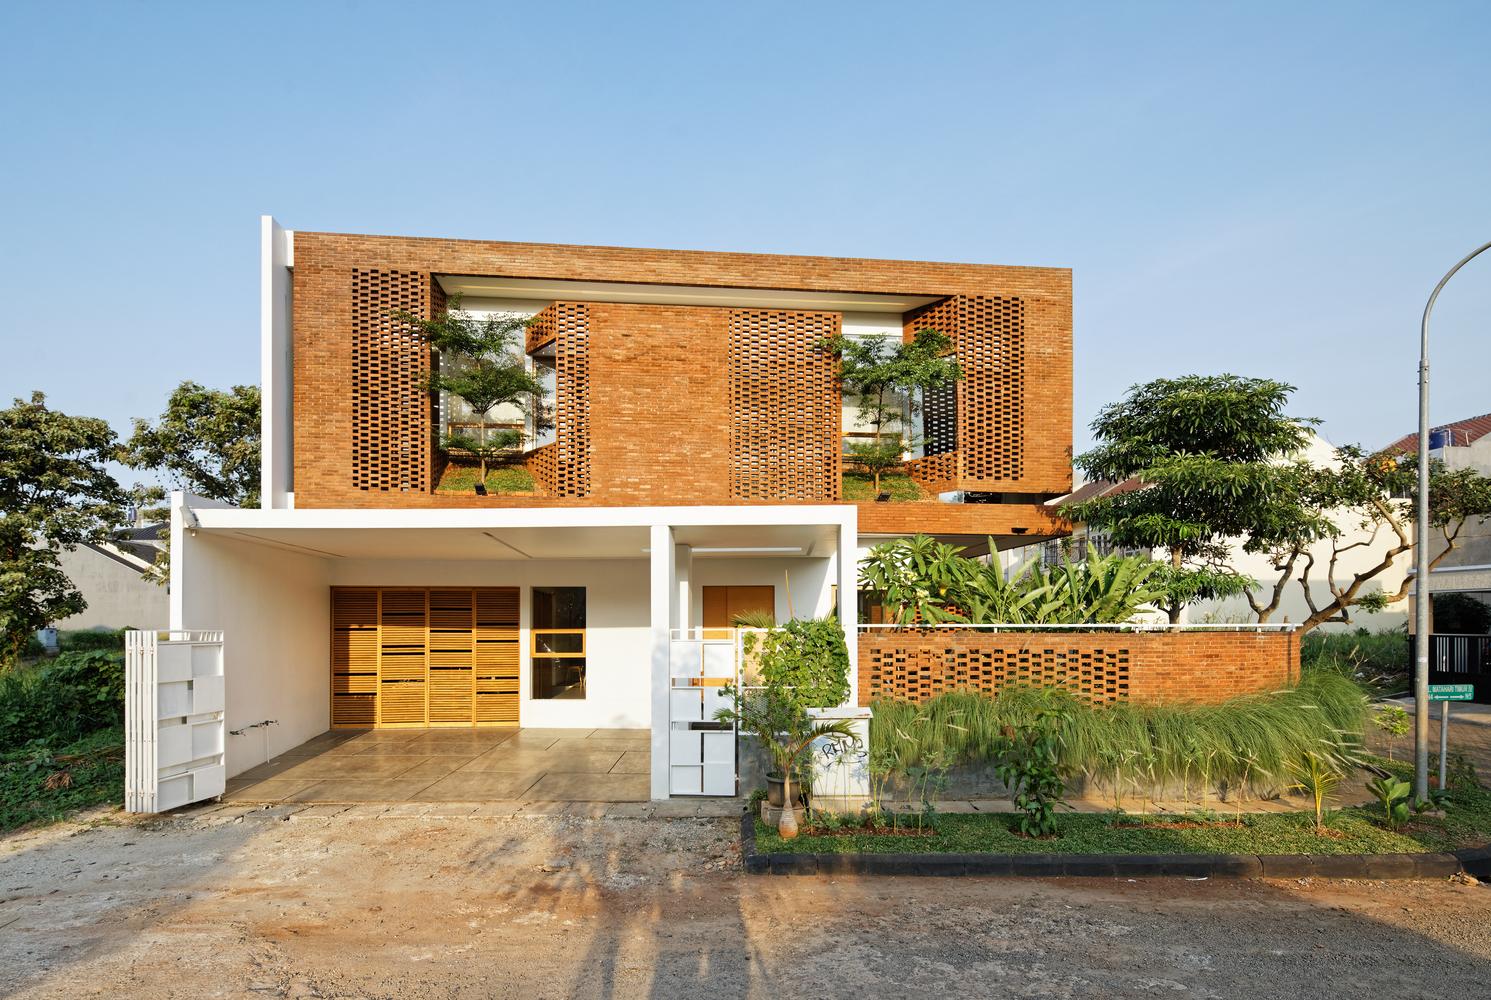 Lớp gạch nung ấn tượng bao phủ ngôi nhà ở Indonesia